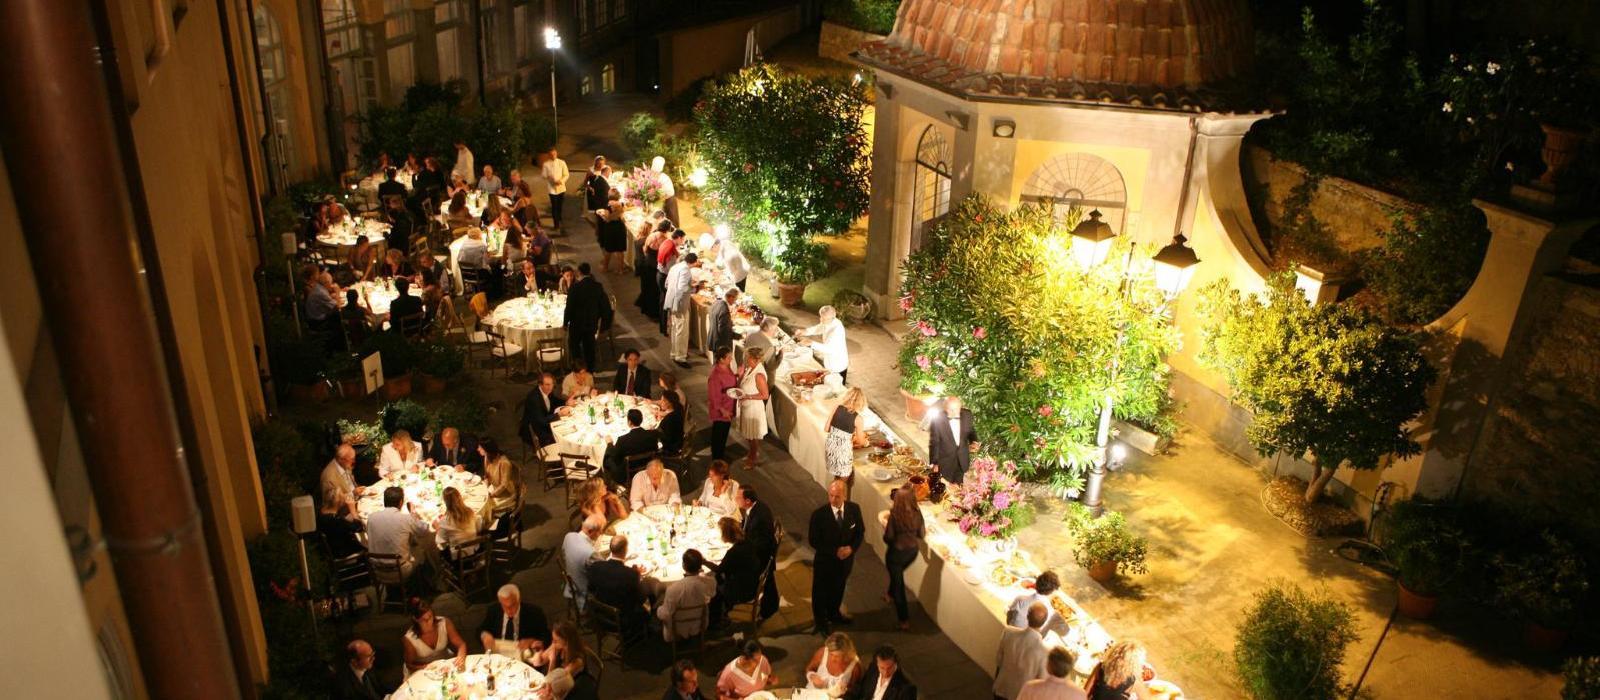 巴尼迪比萨皇宫水疗酒店(Bagni di Pisa) 图片  www.lhw.cn